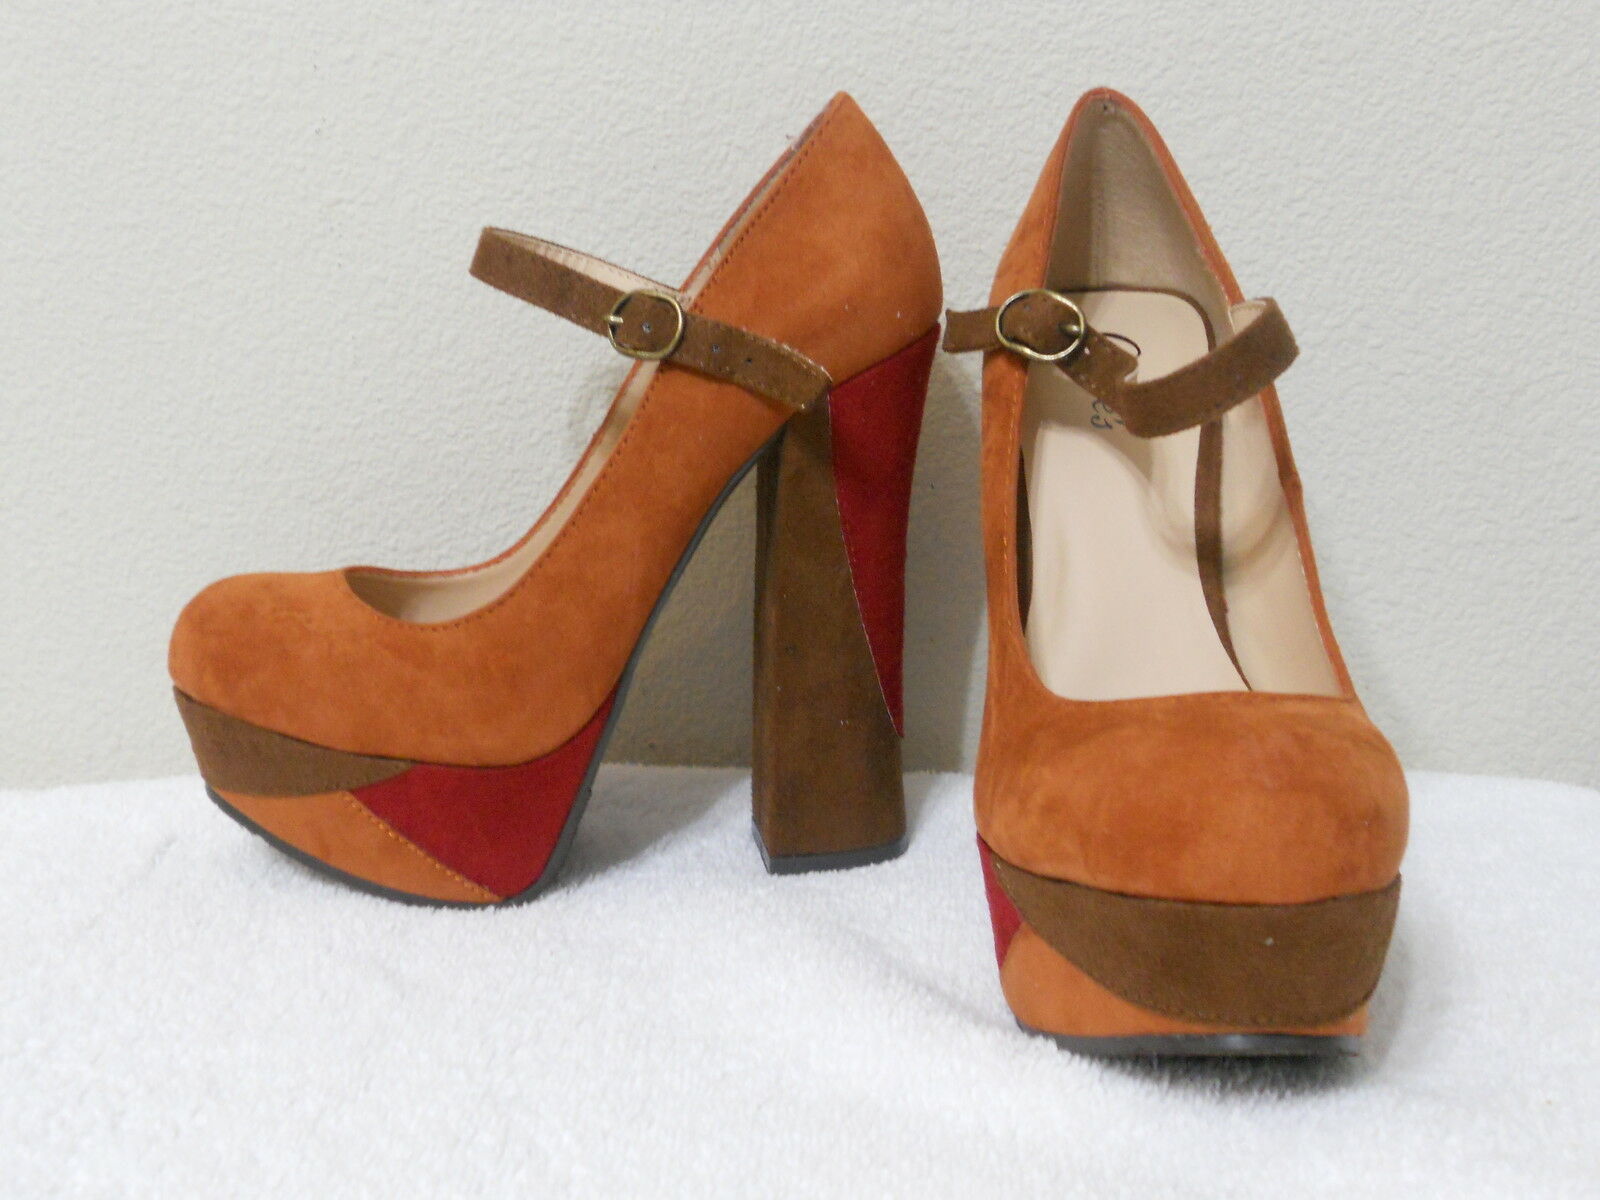 Candie's braun Multi Farbe Platform High Heels Größe 8 New With Box